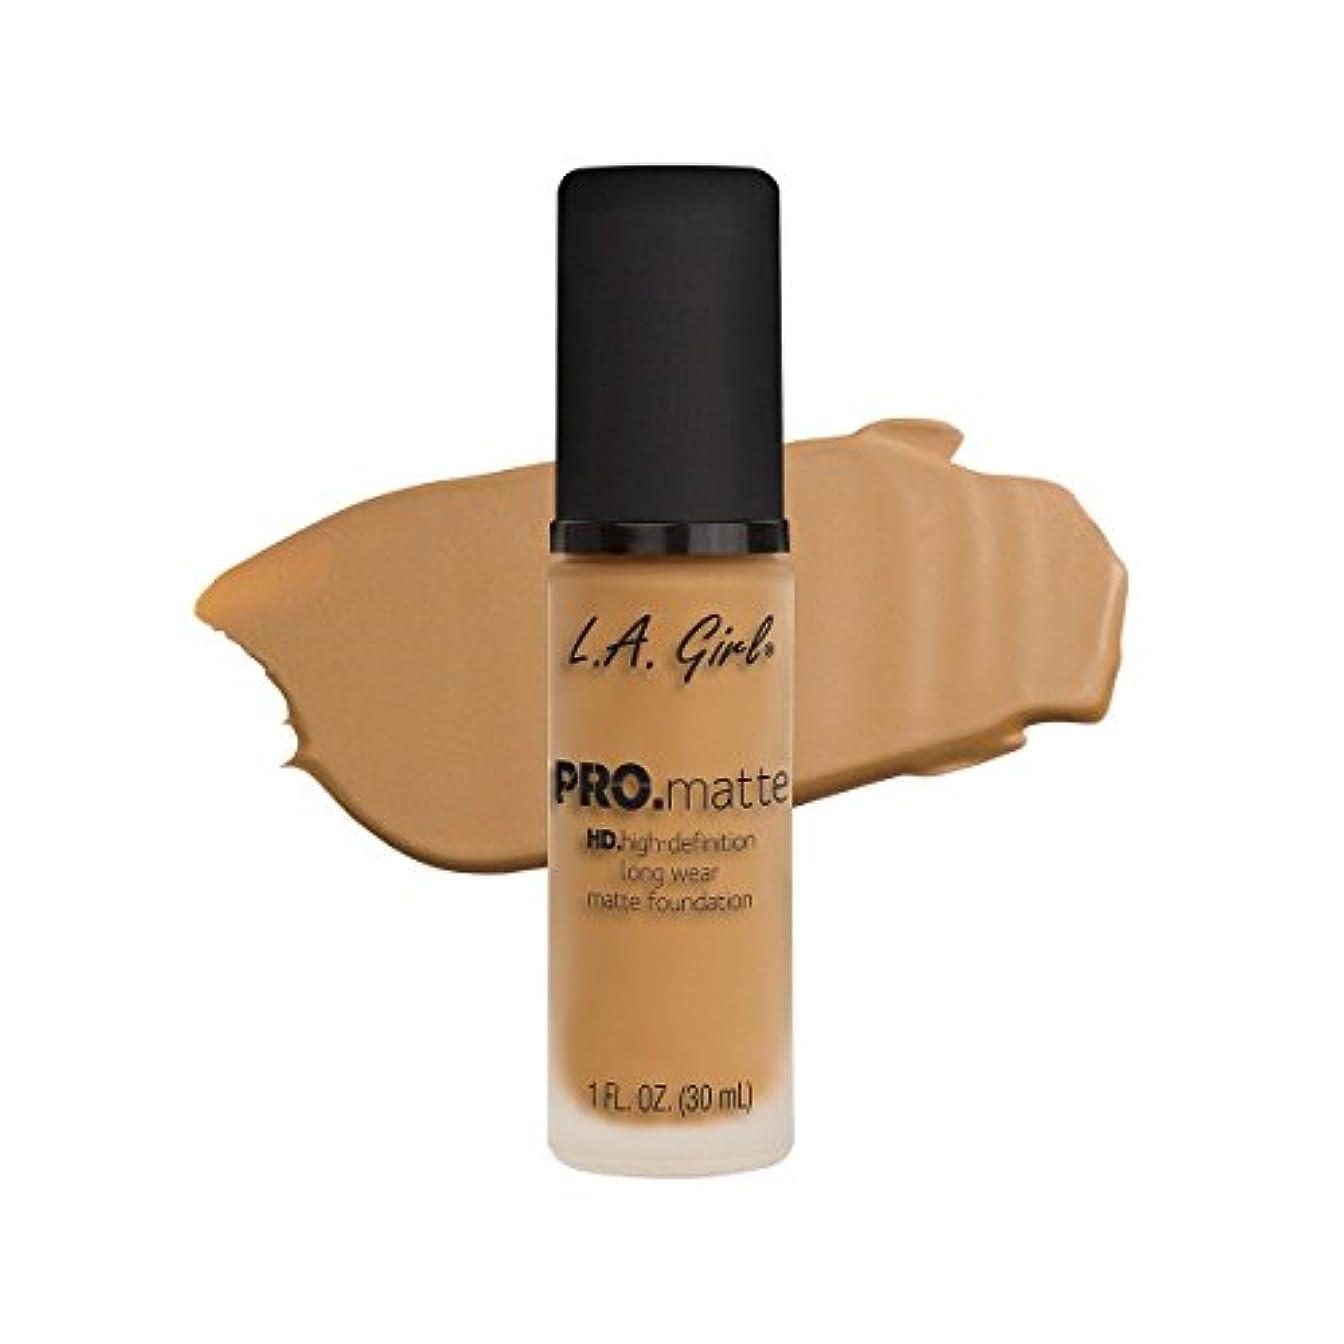 干渉する不安フェンス(3 Pack) L.A. GIRL Pro Matte Foundation - Light Tan (並行輸入品)